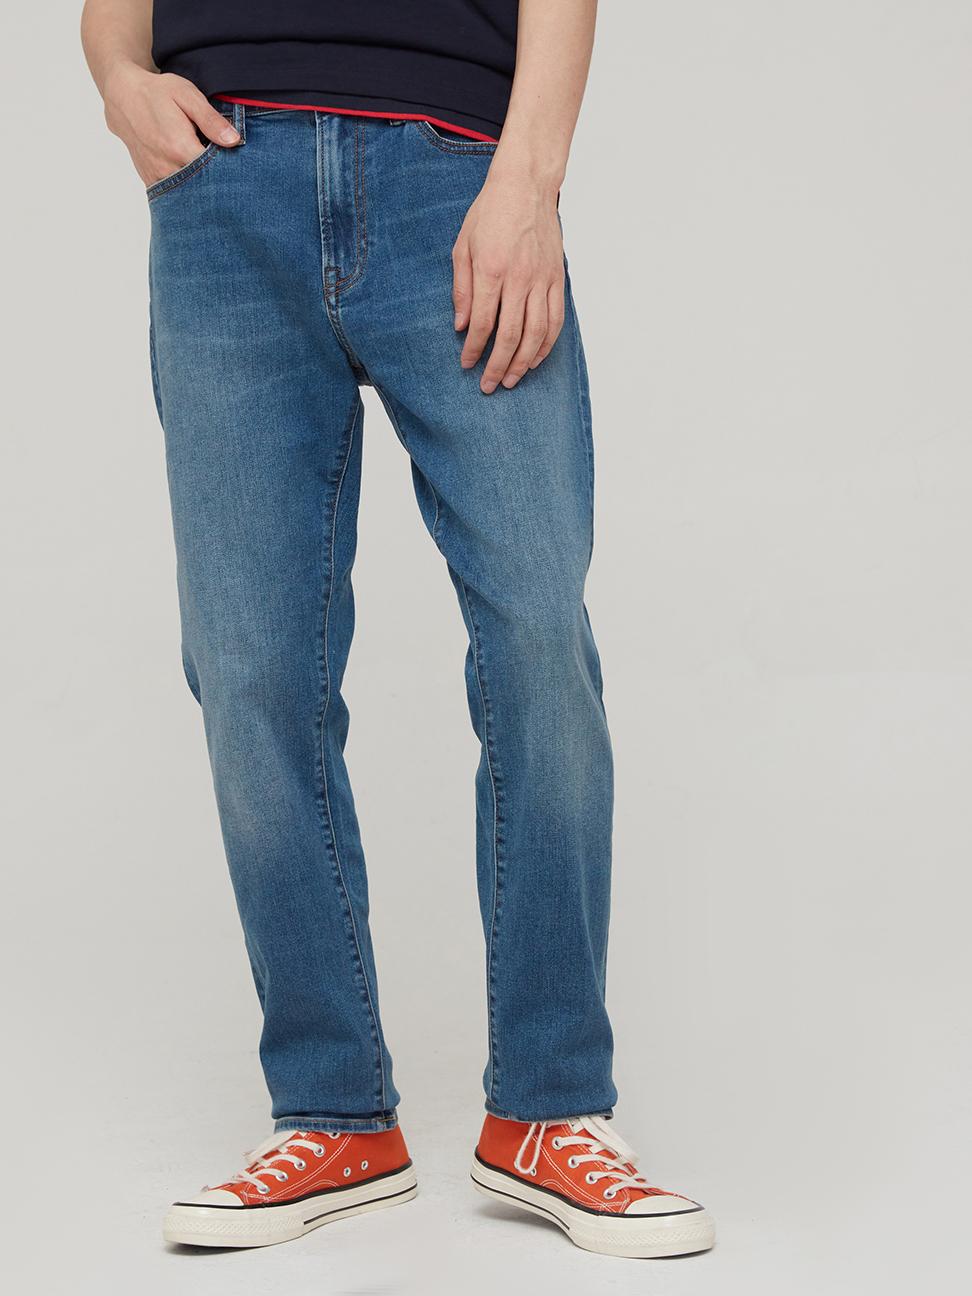 男裝 淺色中腰修身款牛仔褲